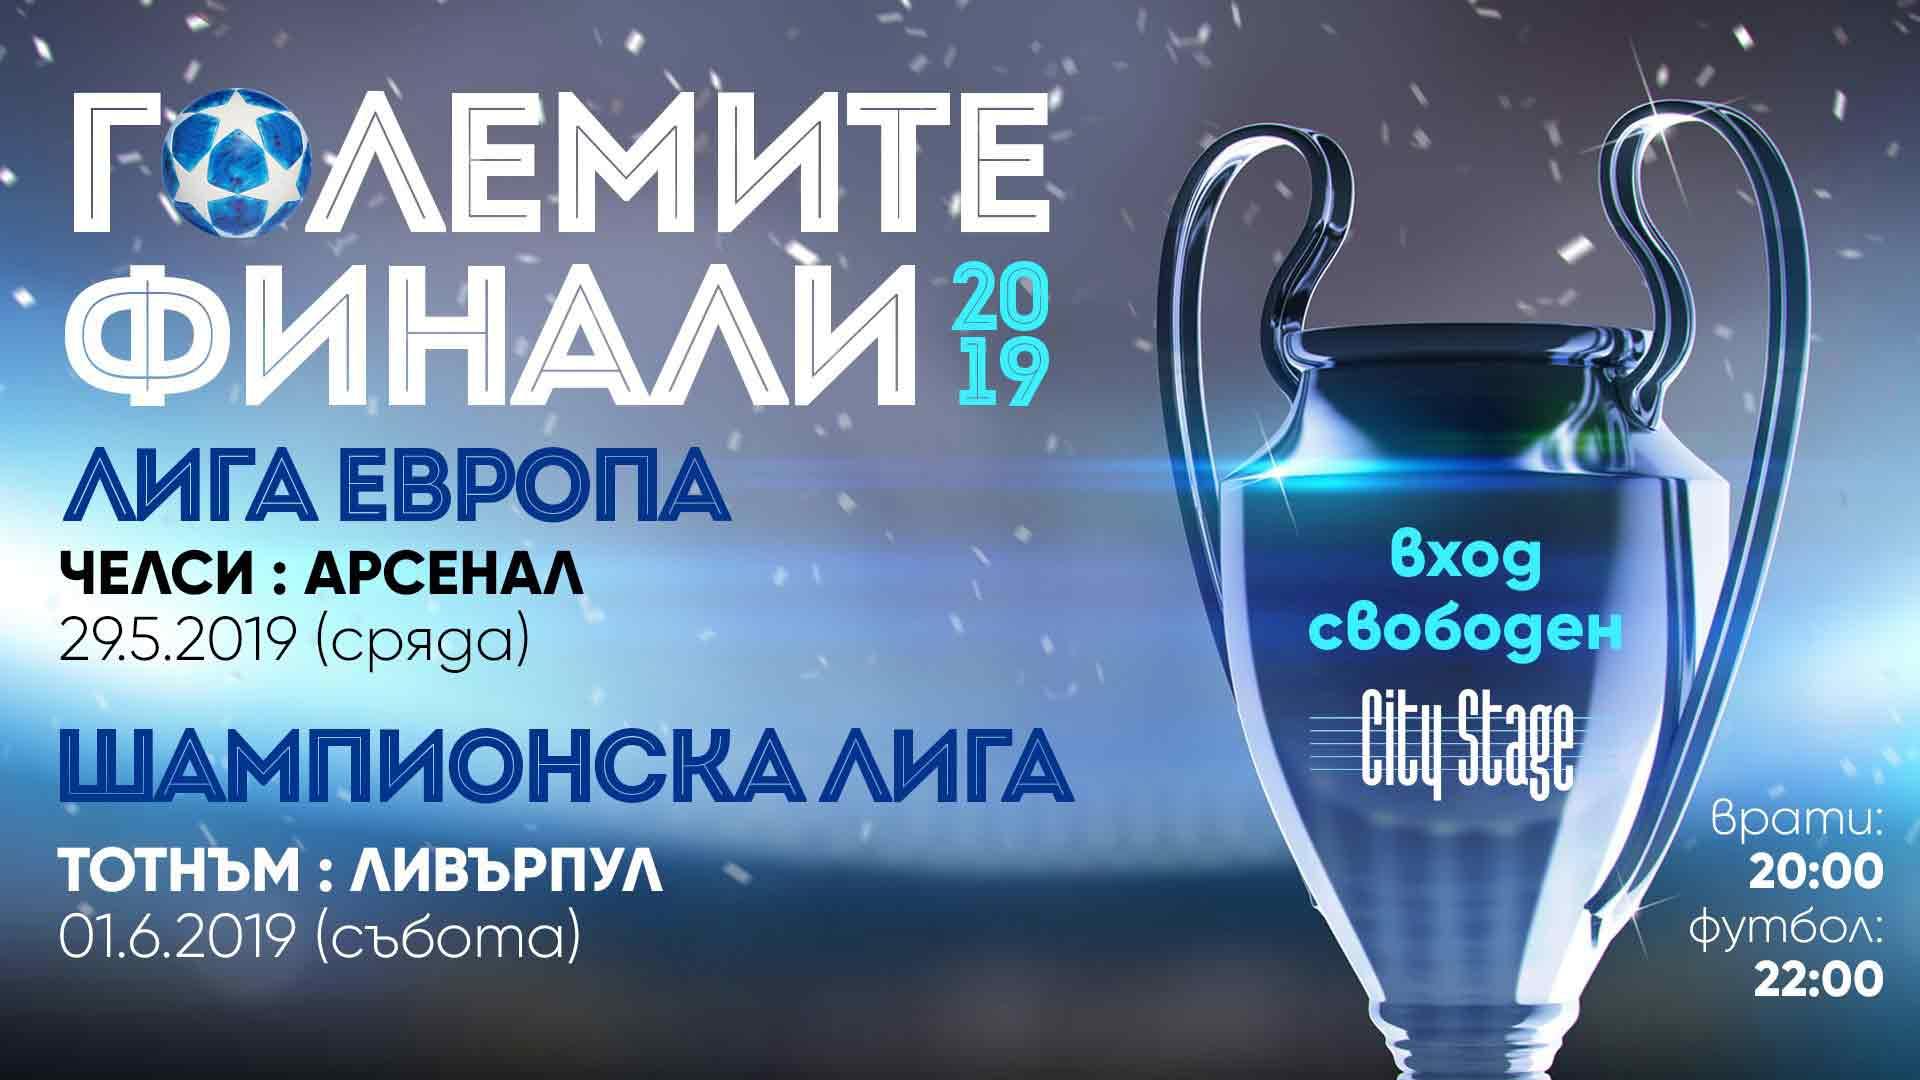 29 май 2019 г. 20:00 ч. City Stage | Големите футболни финали 2019: Лига Европа и Шампионска лига